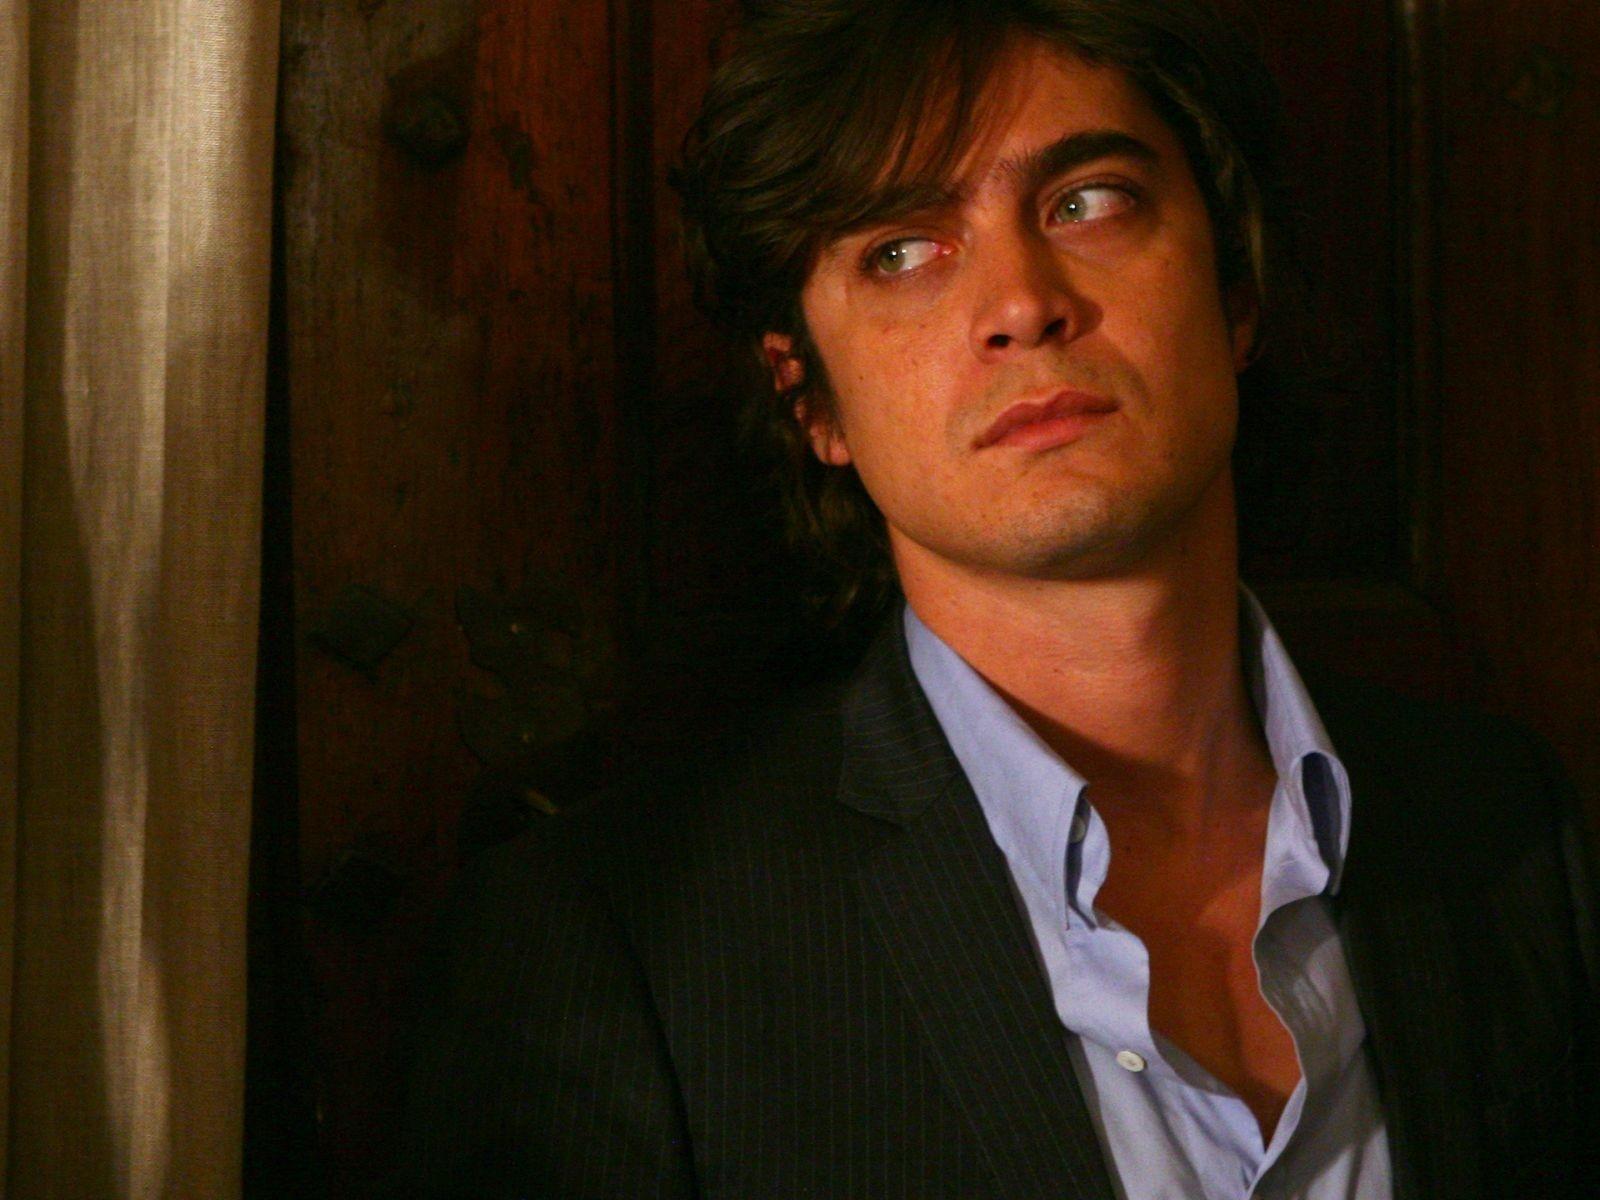 Wallpaper del film Colpo d'occhio interpretato da Riccardo Scamarcio